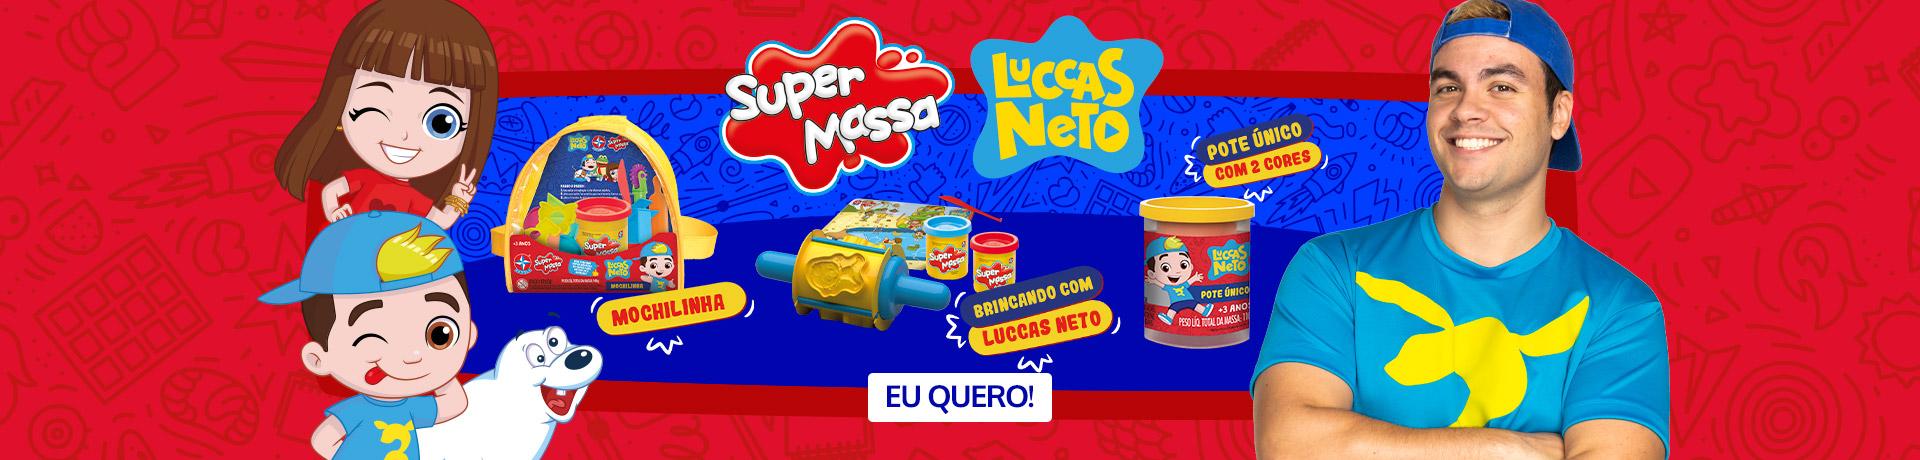 SM Luccas Neto